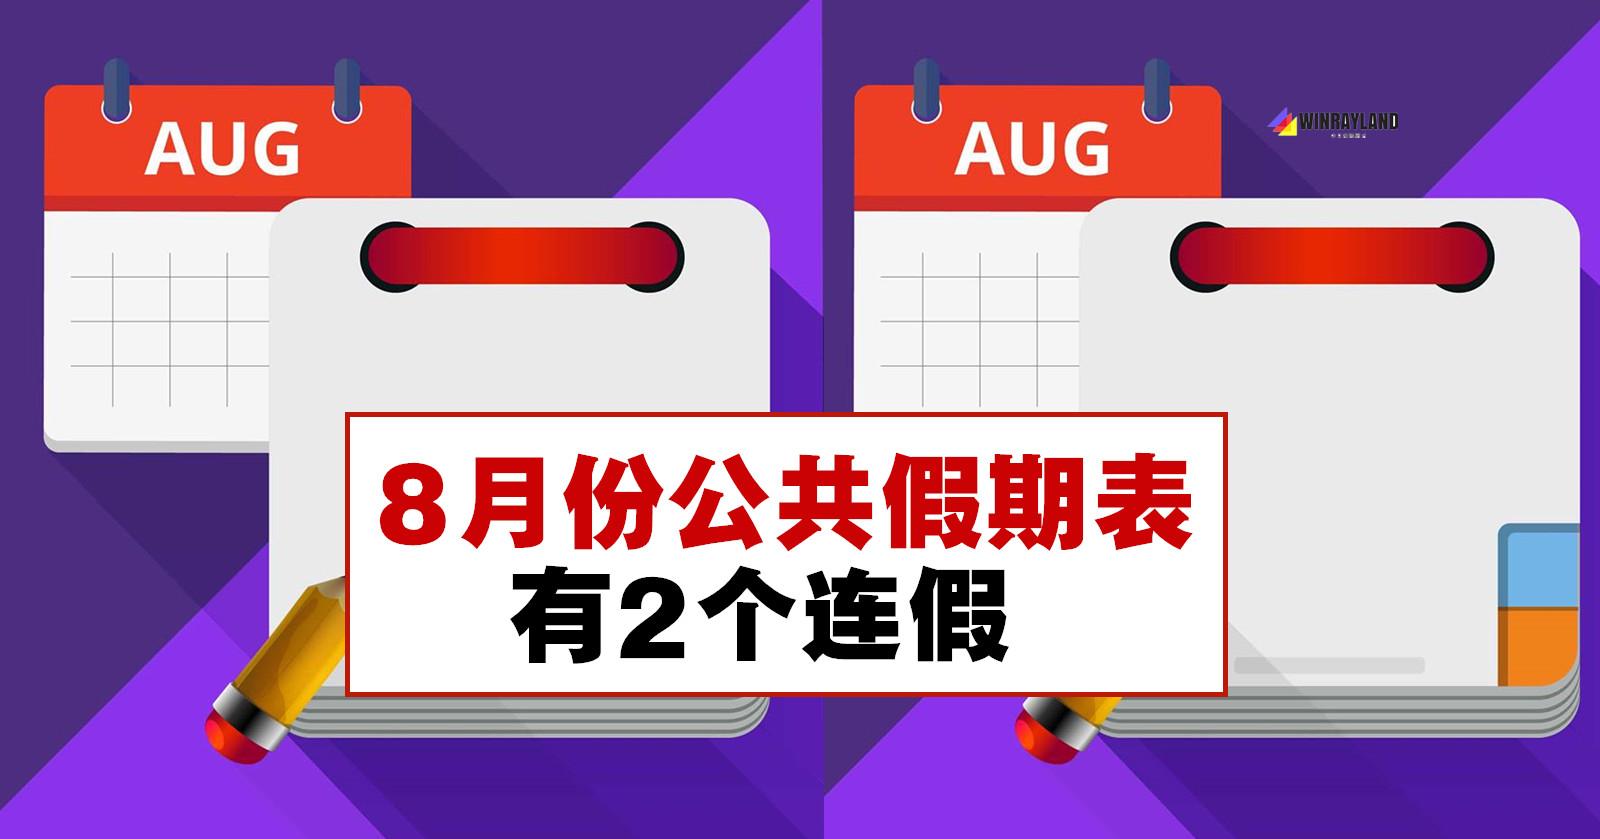 8月份公共假期表